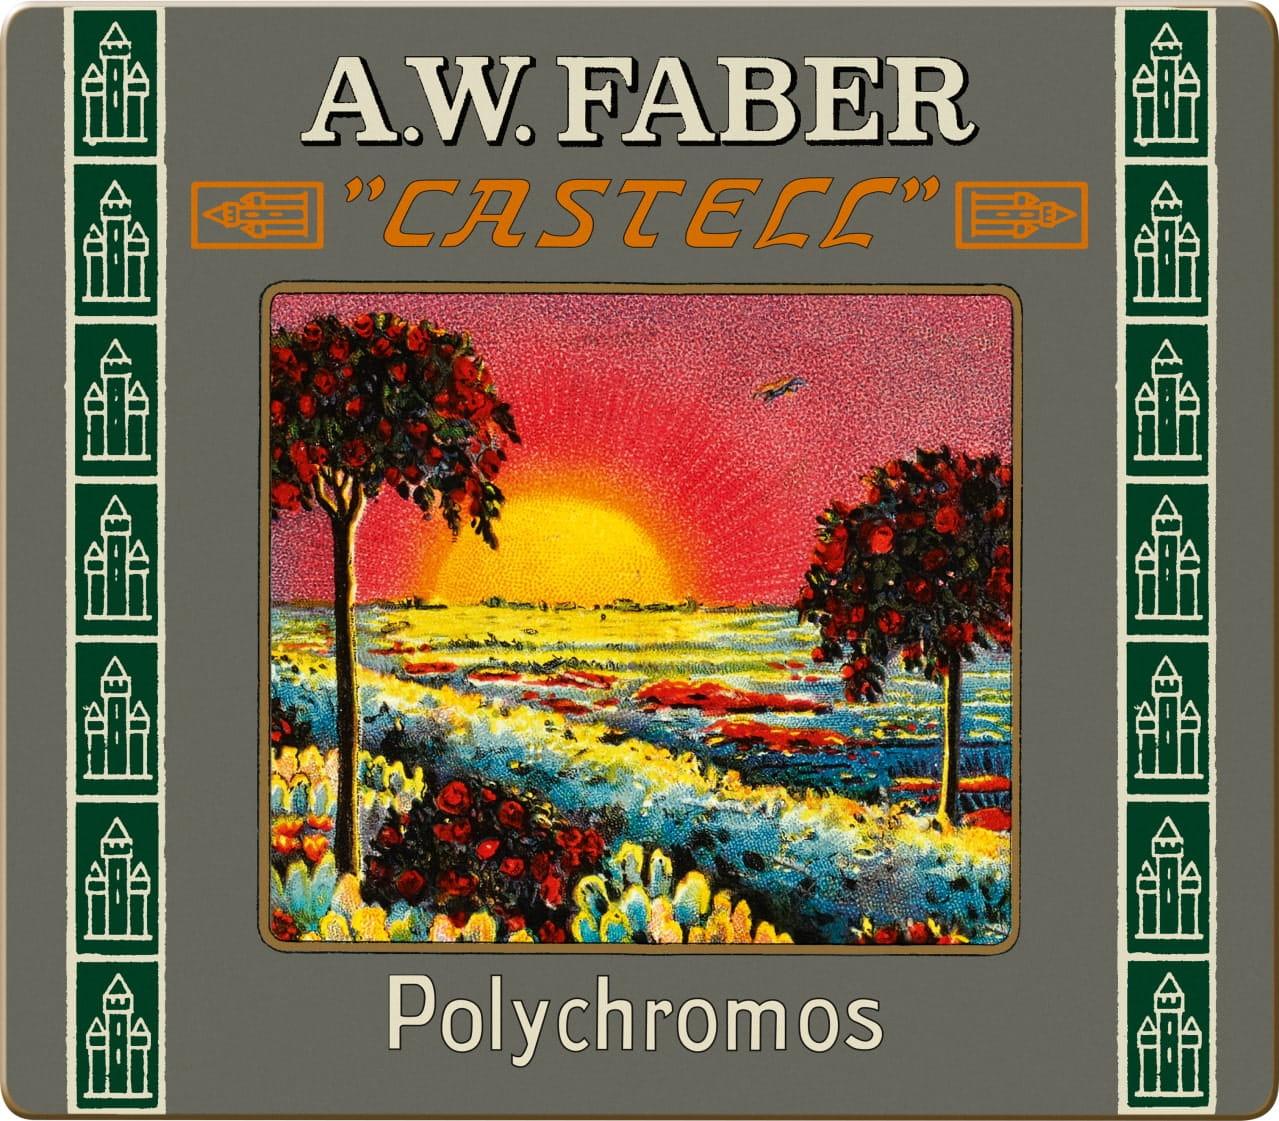 POLYCHROMOS RETRO FABER CASTELL 24 FARIEB